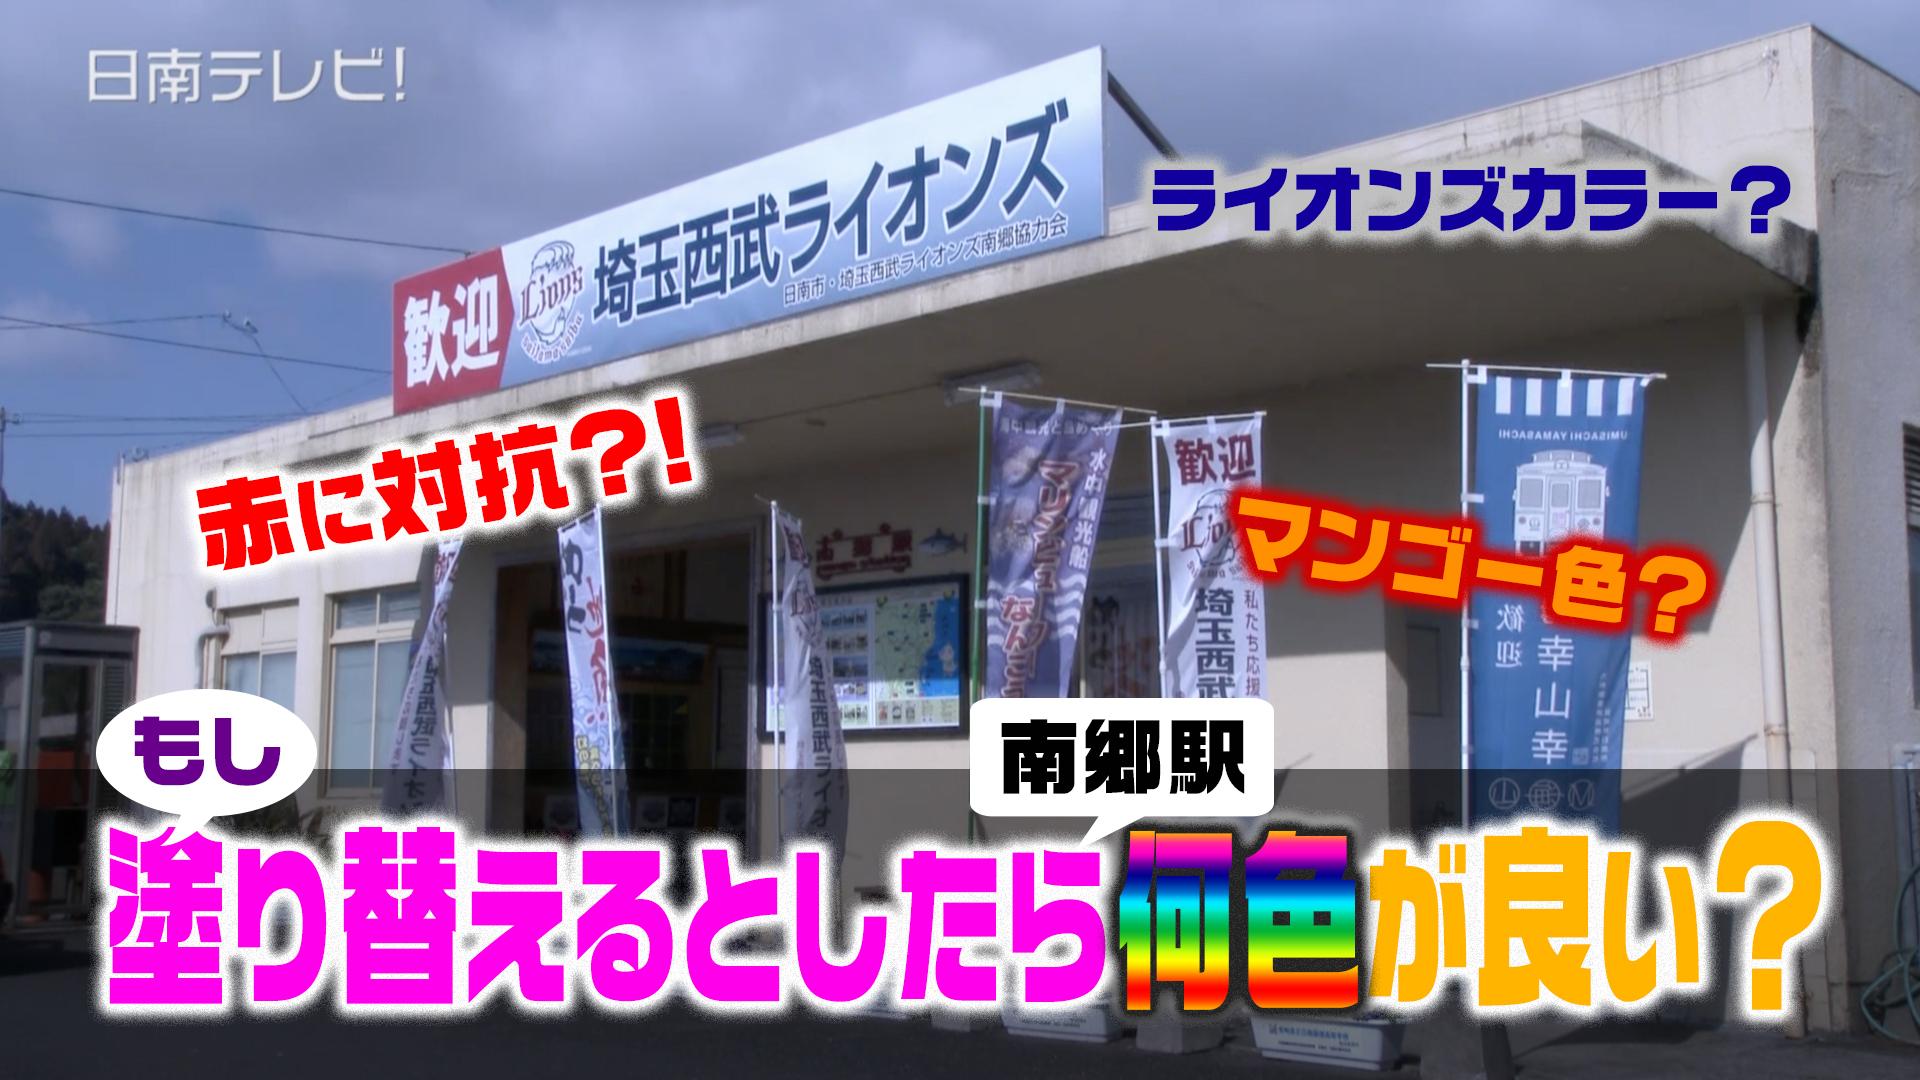 JR日南線 南郷駅は塗り替えないのか?